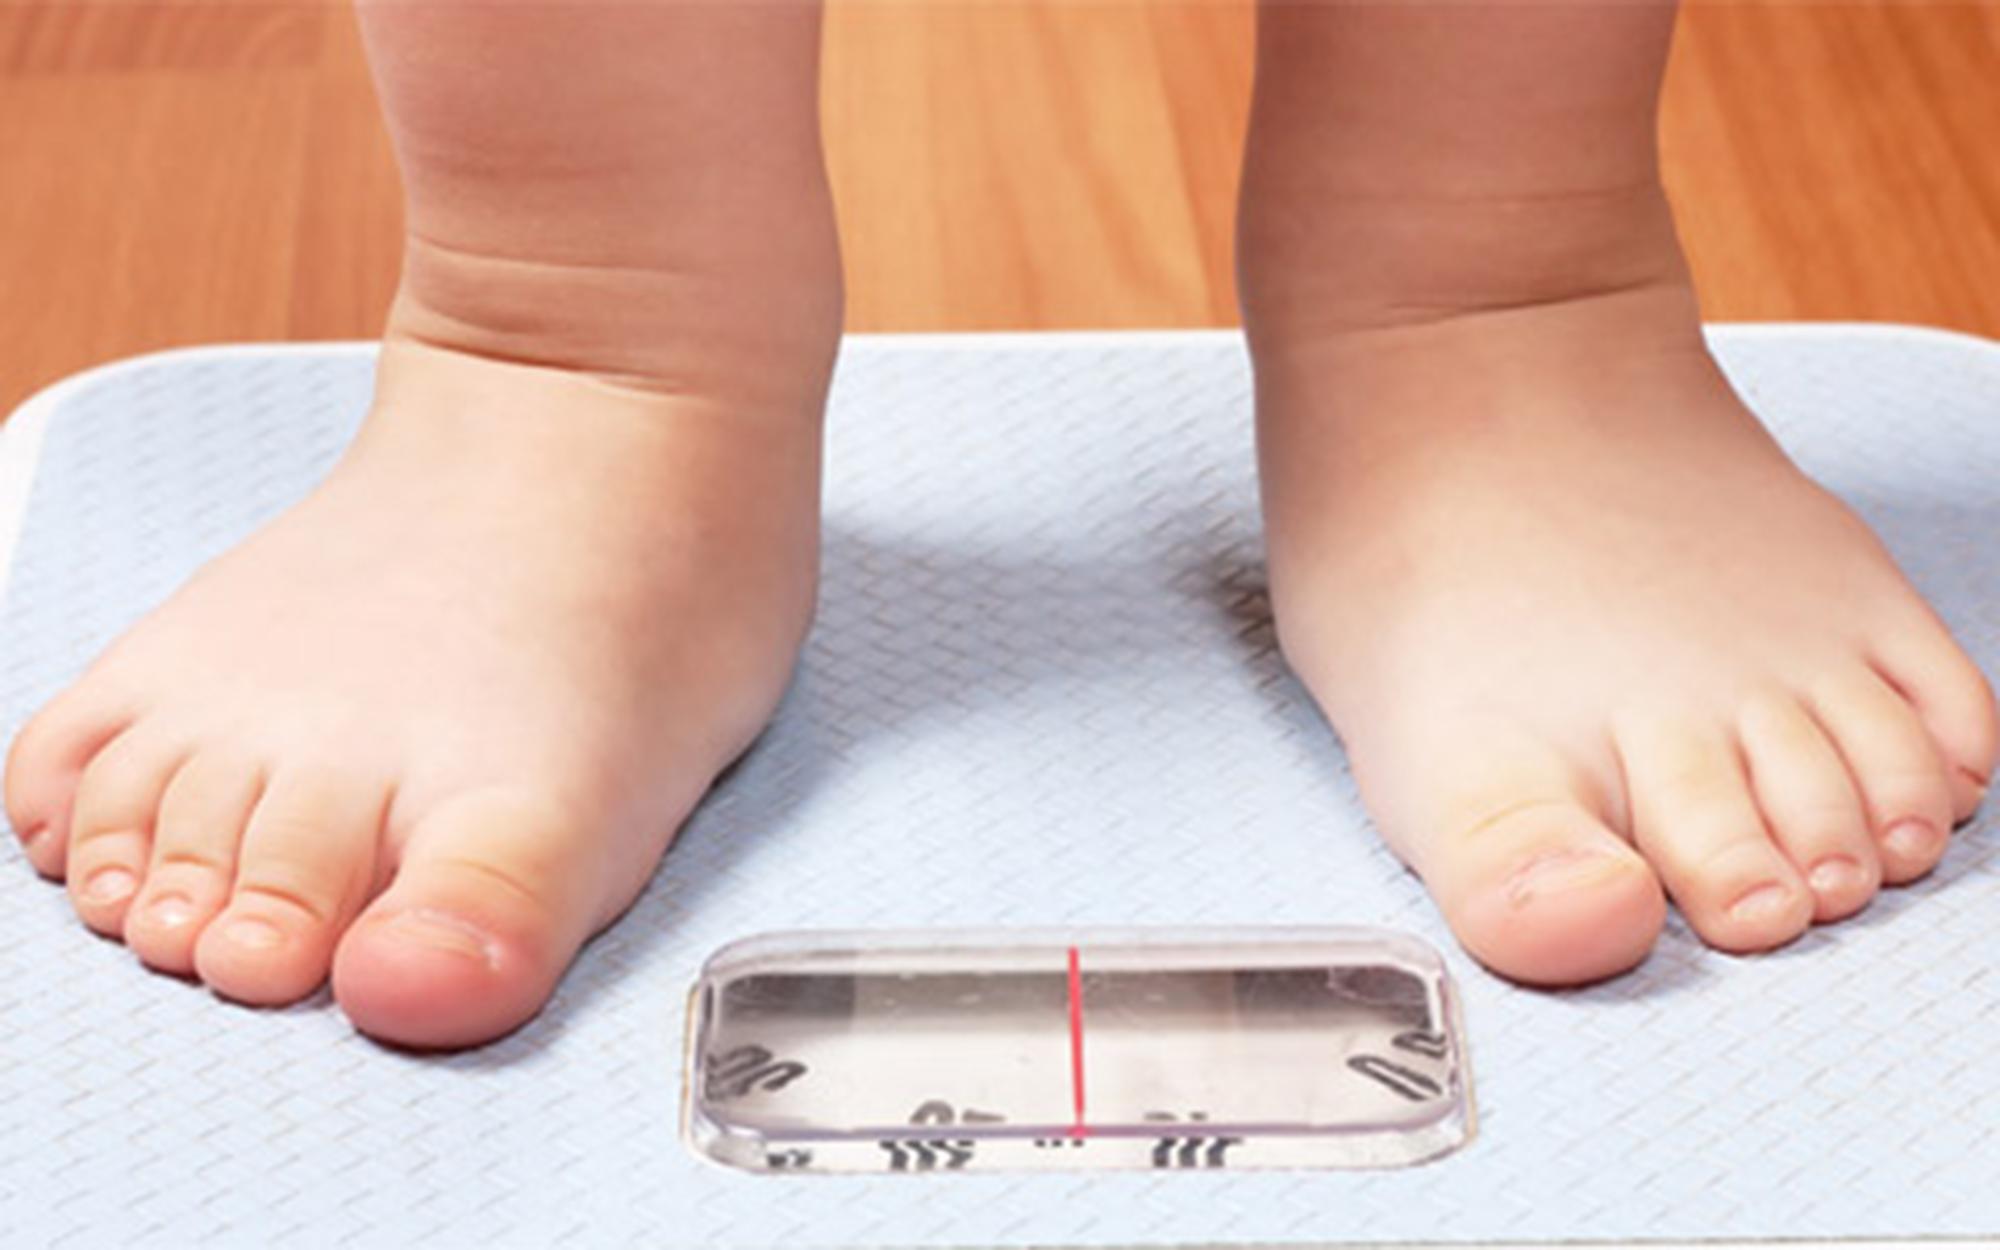 Saúde: Crianças e adolescentes terão política específica de atenção